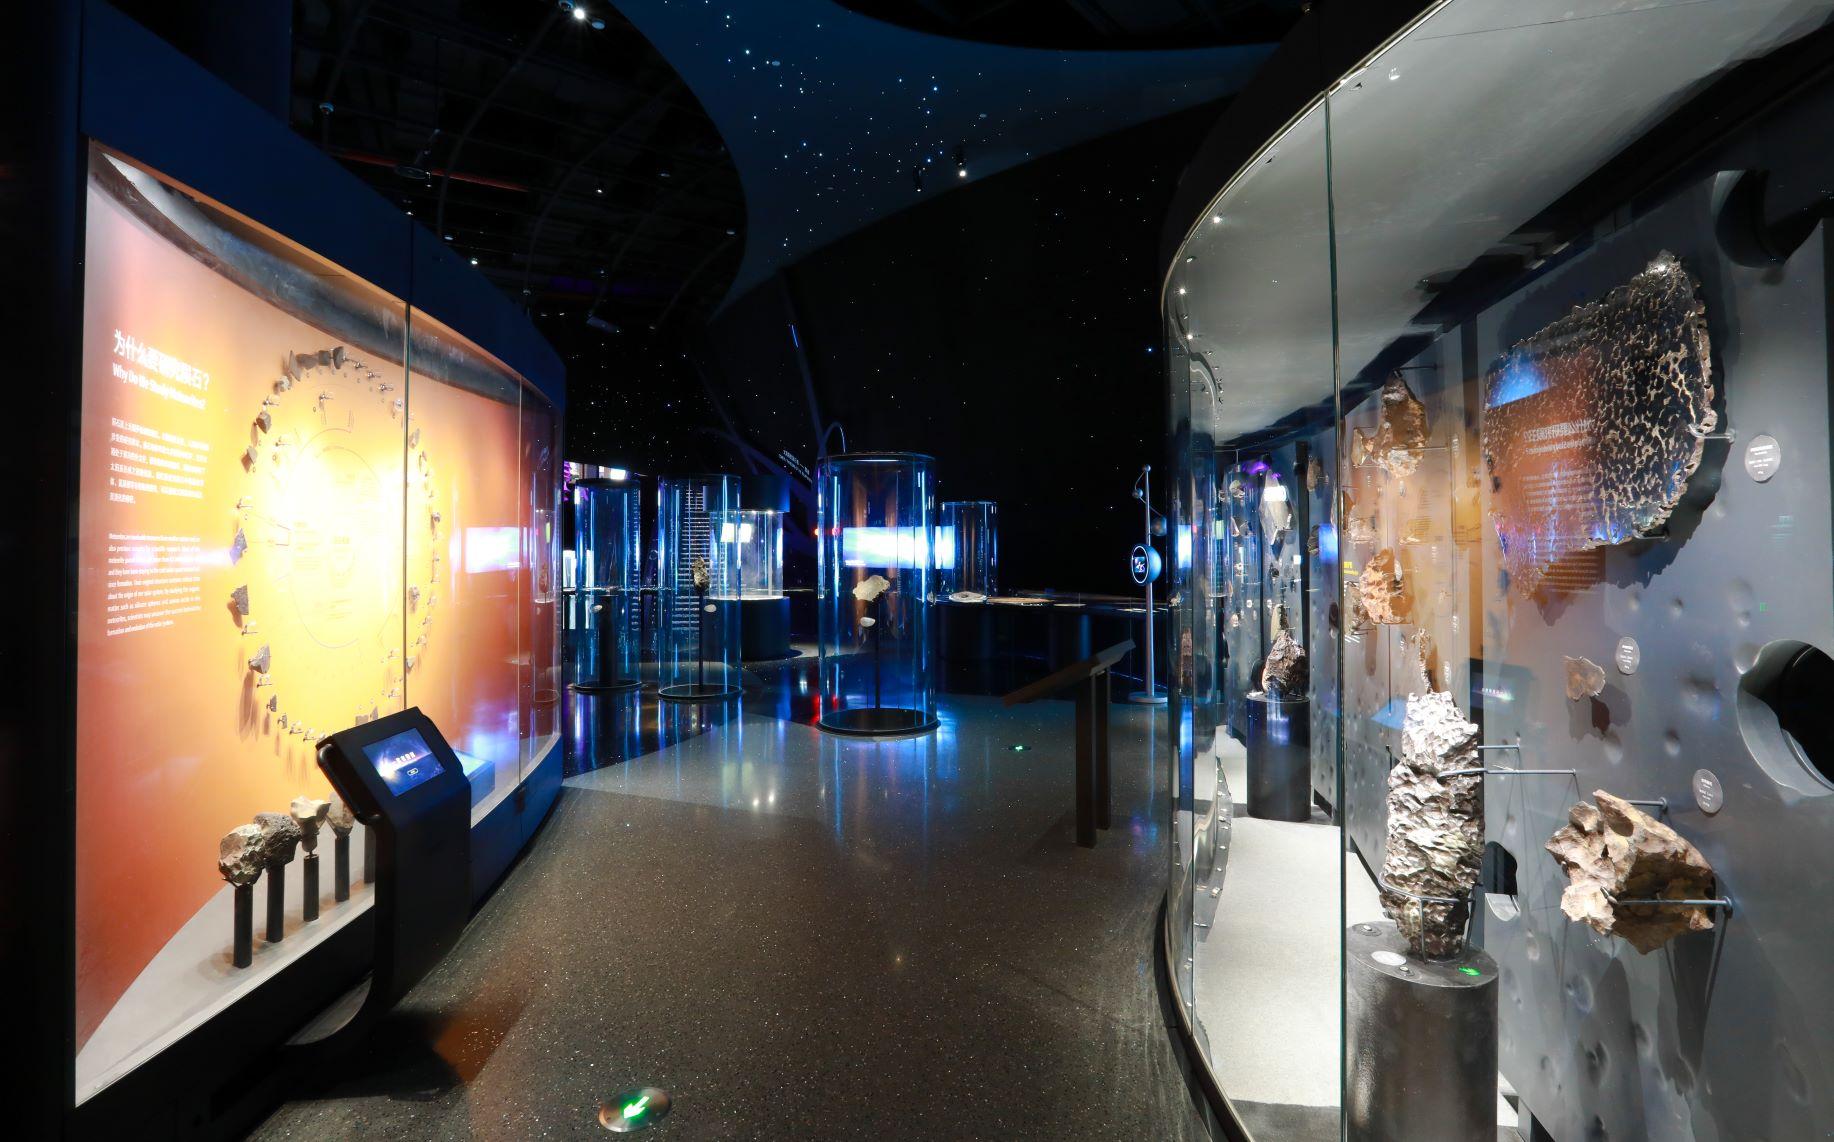 上海天文馆:一座仰望星空、脚踏实地的科普旅游新地标